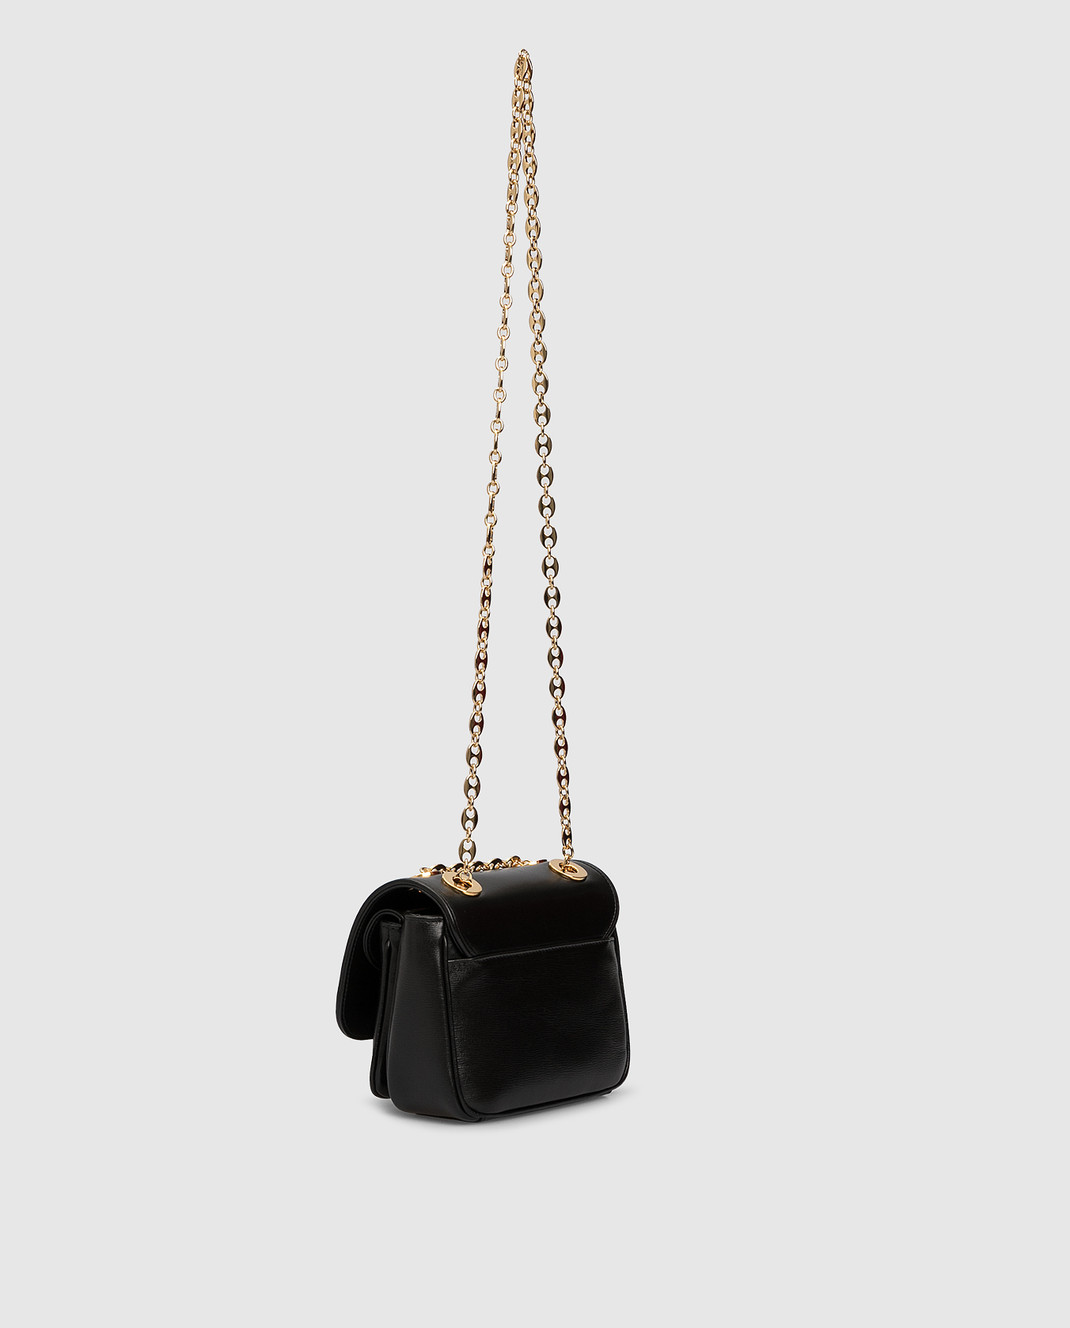 Gucci Черная кожаная сумка изображение 3